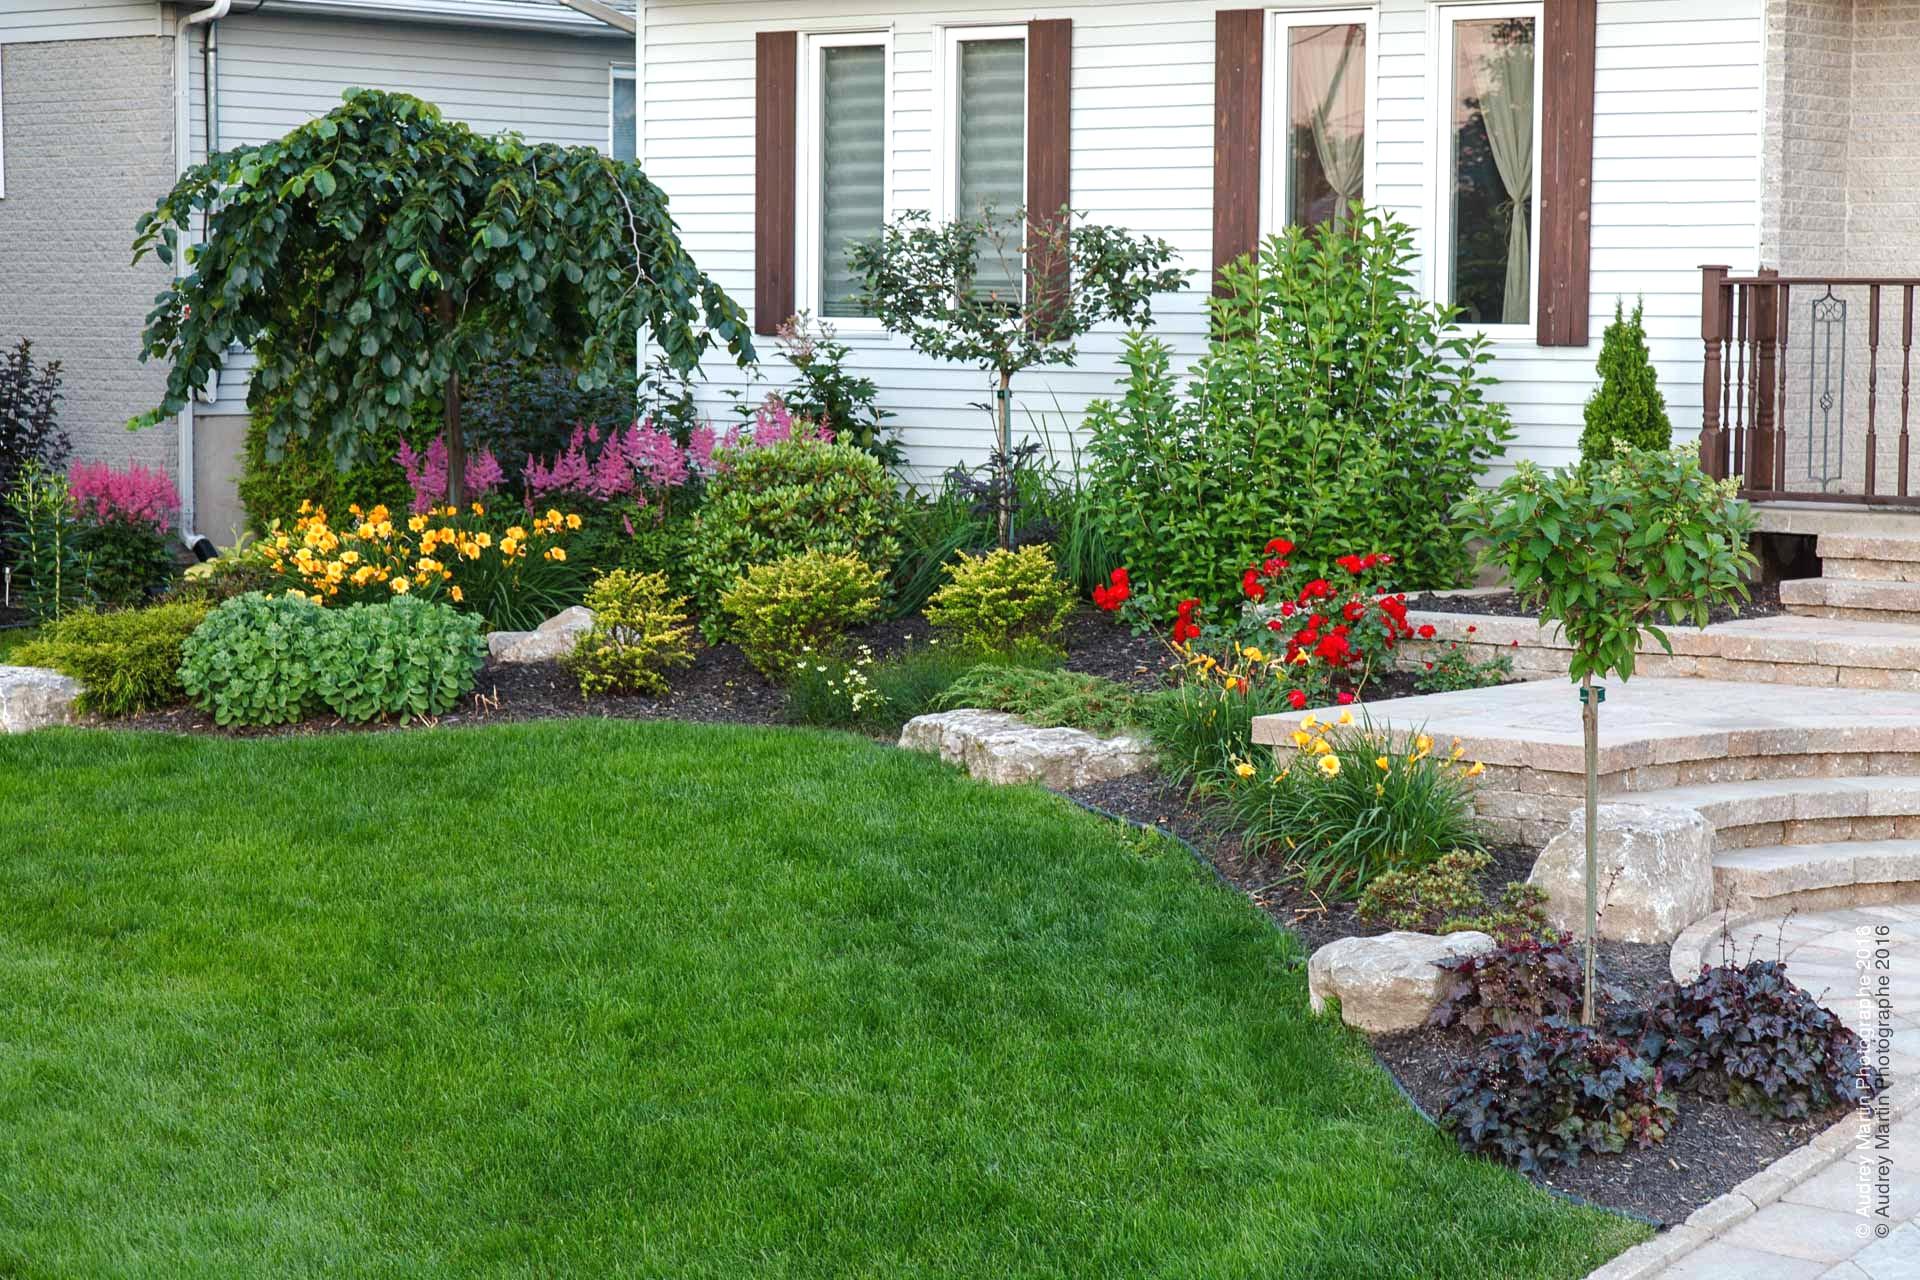 Aménagement Jardin Devant Maison Des Idées - Idees ... serapportantà Idee Amenagement Jardin Devant Maison